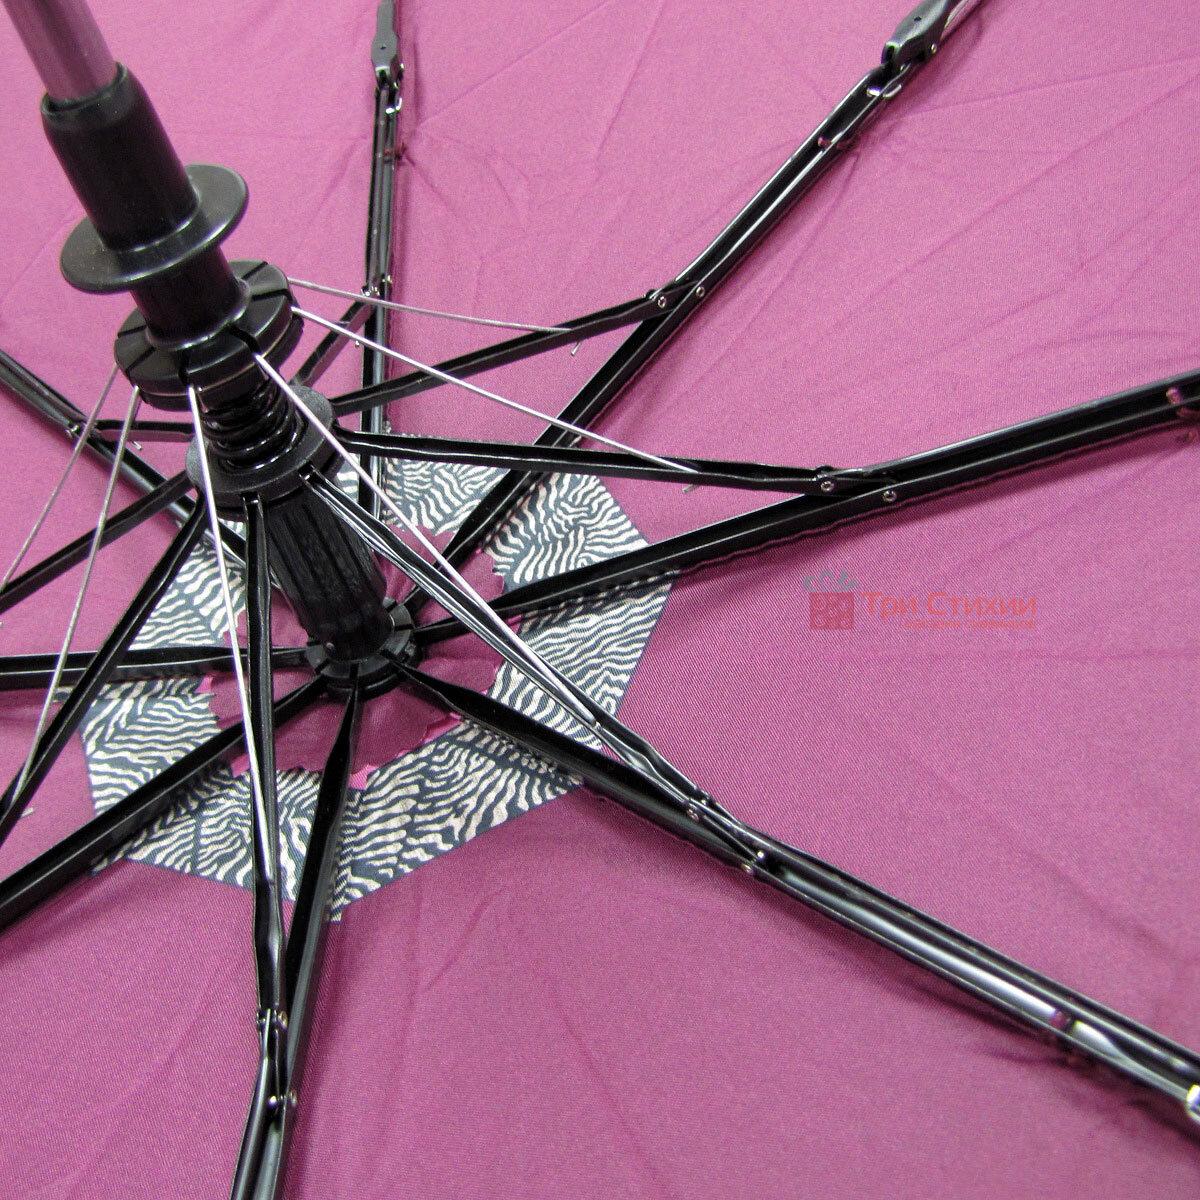 Зонт складной Doppler 7301653003-1 полуавтомат Бордовый Кант, фото 4